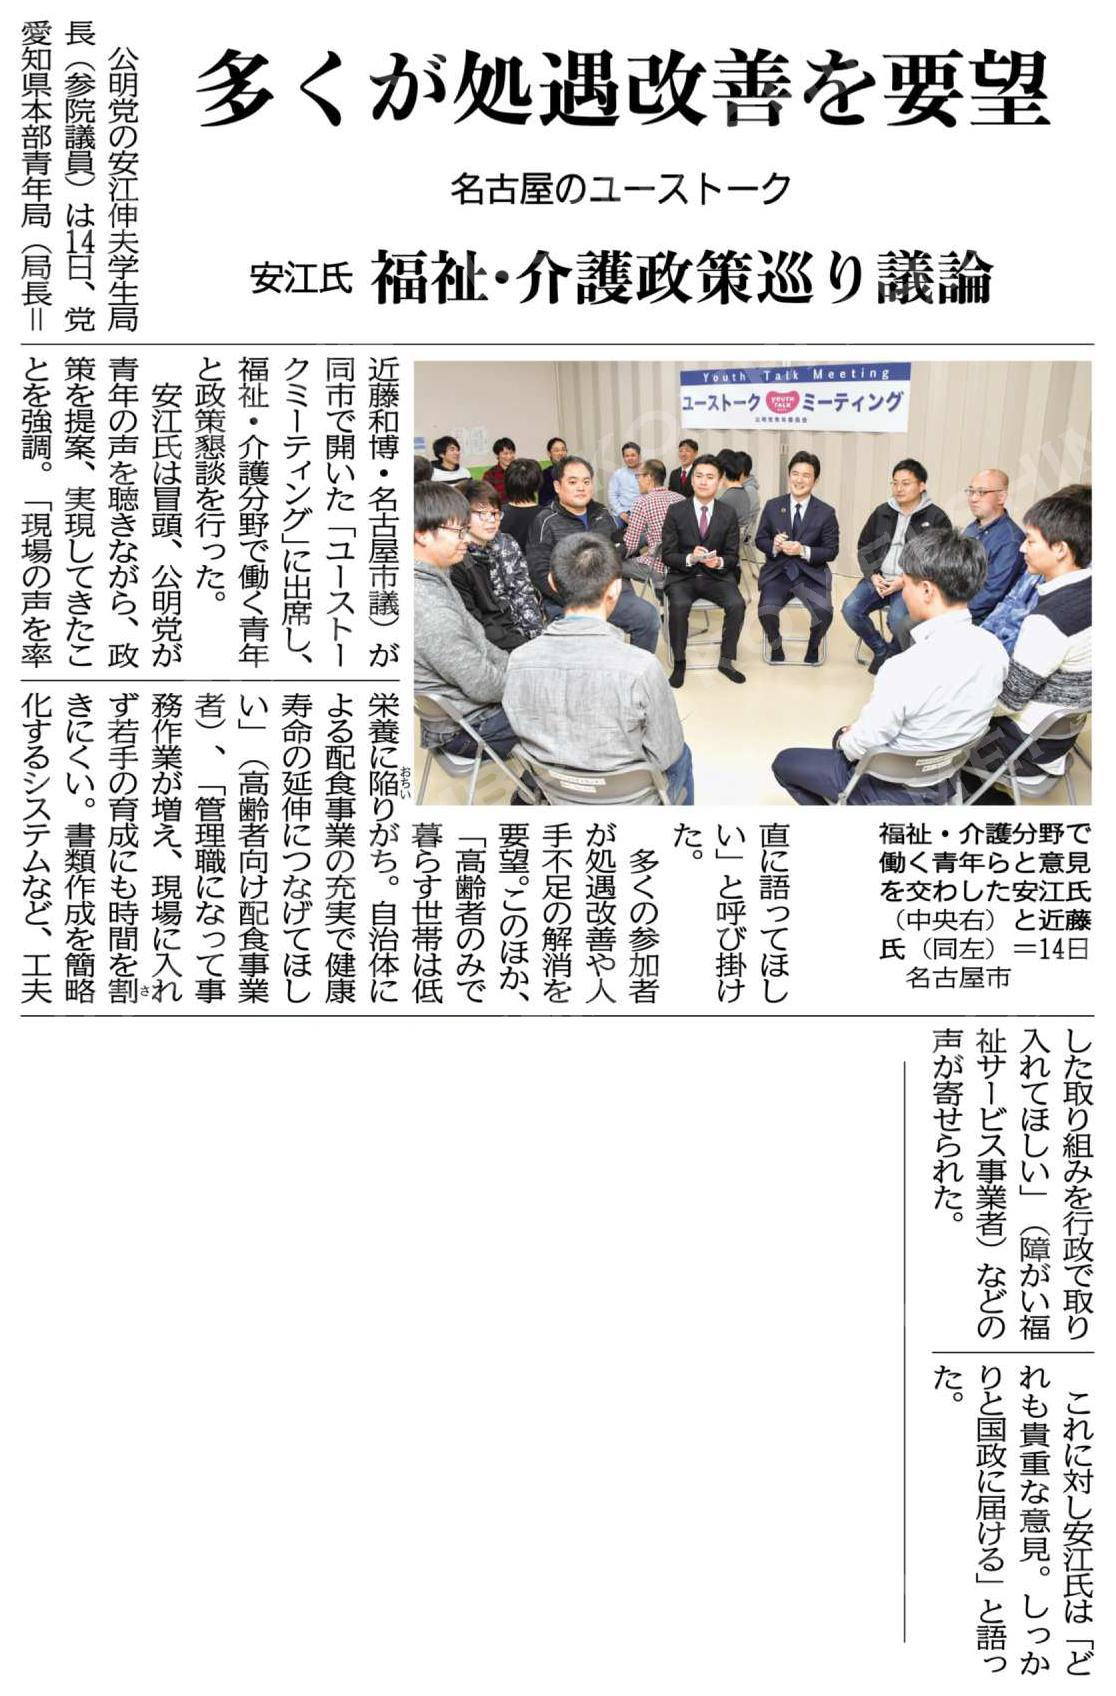 多くが処遇改善を要望/安江氏 福祉・介護政策巡り議論/名古屋のユーストーク